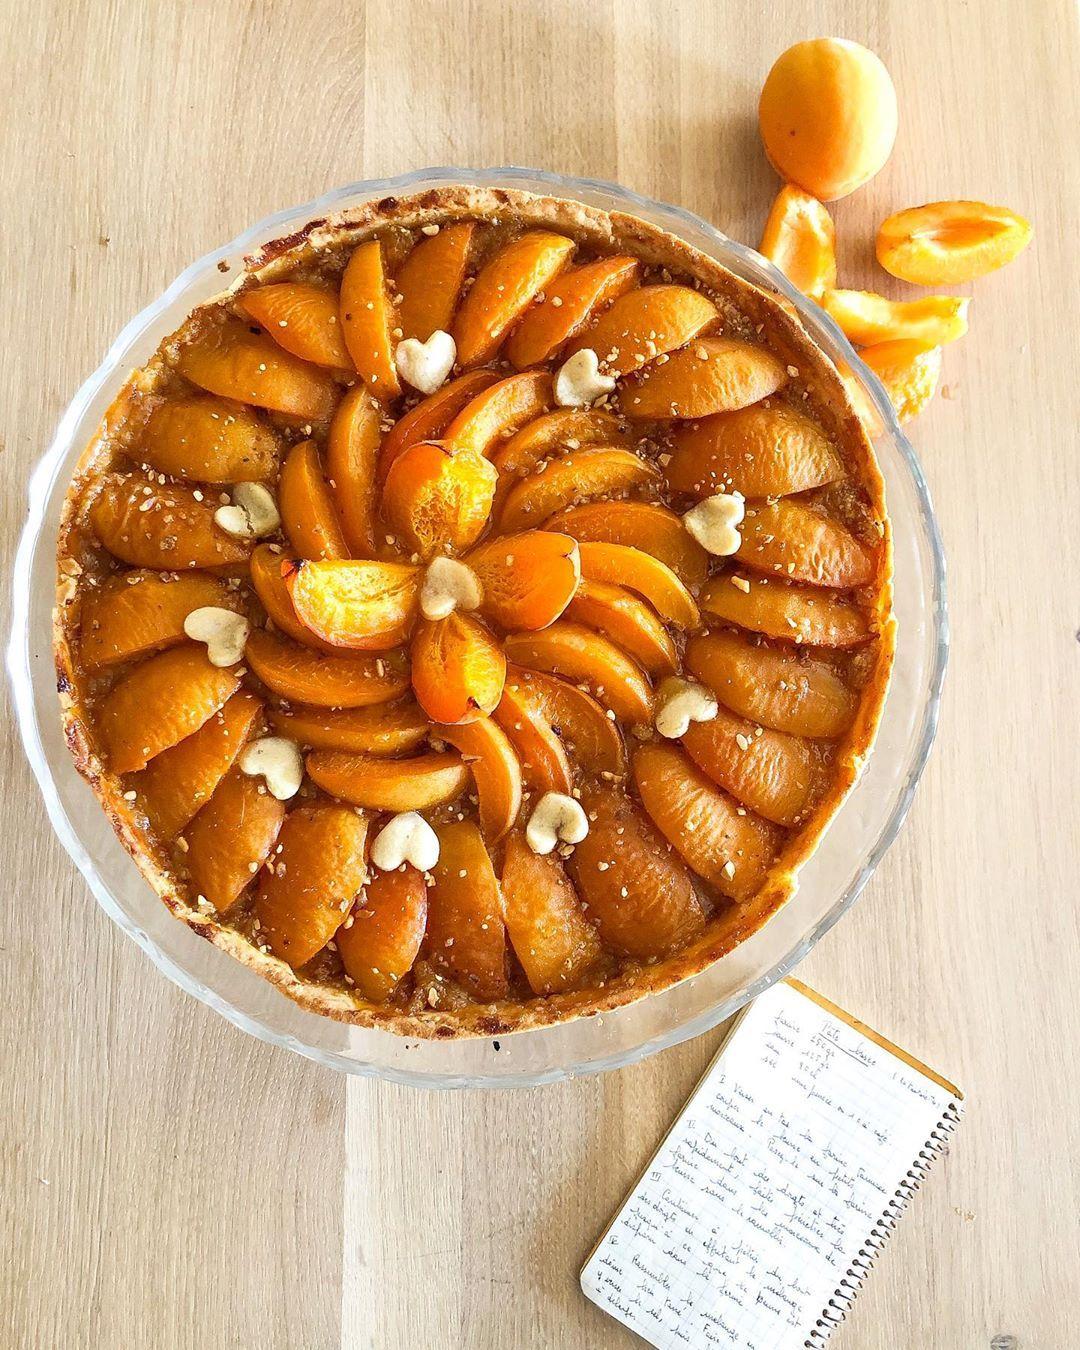 On profite des derniers abricots 🍑de l'année pour une nouvelle version ultra fondante de la tarte aux abricots du Valais 🍴swipe right pour la recette 🙌🏻 . . . %